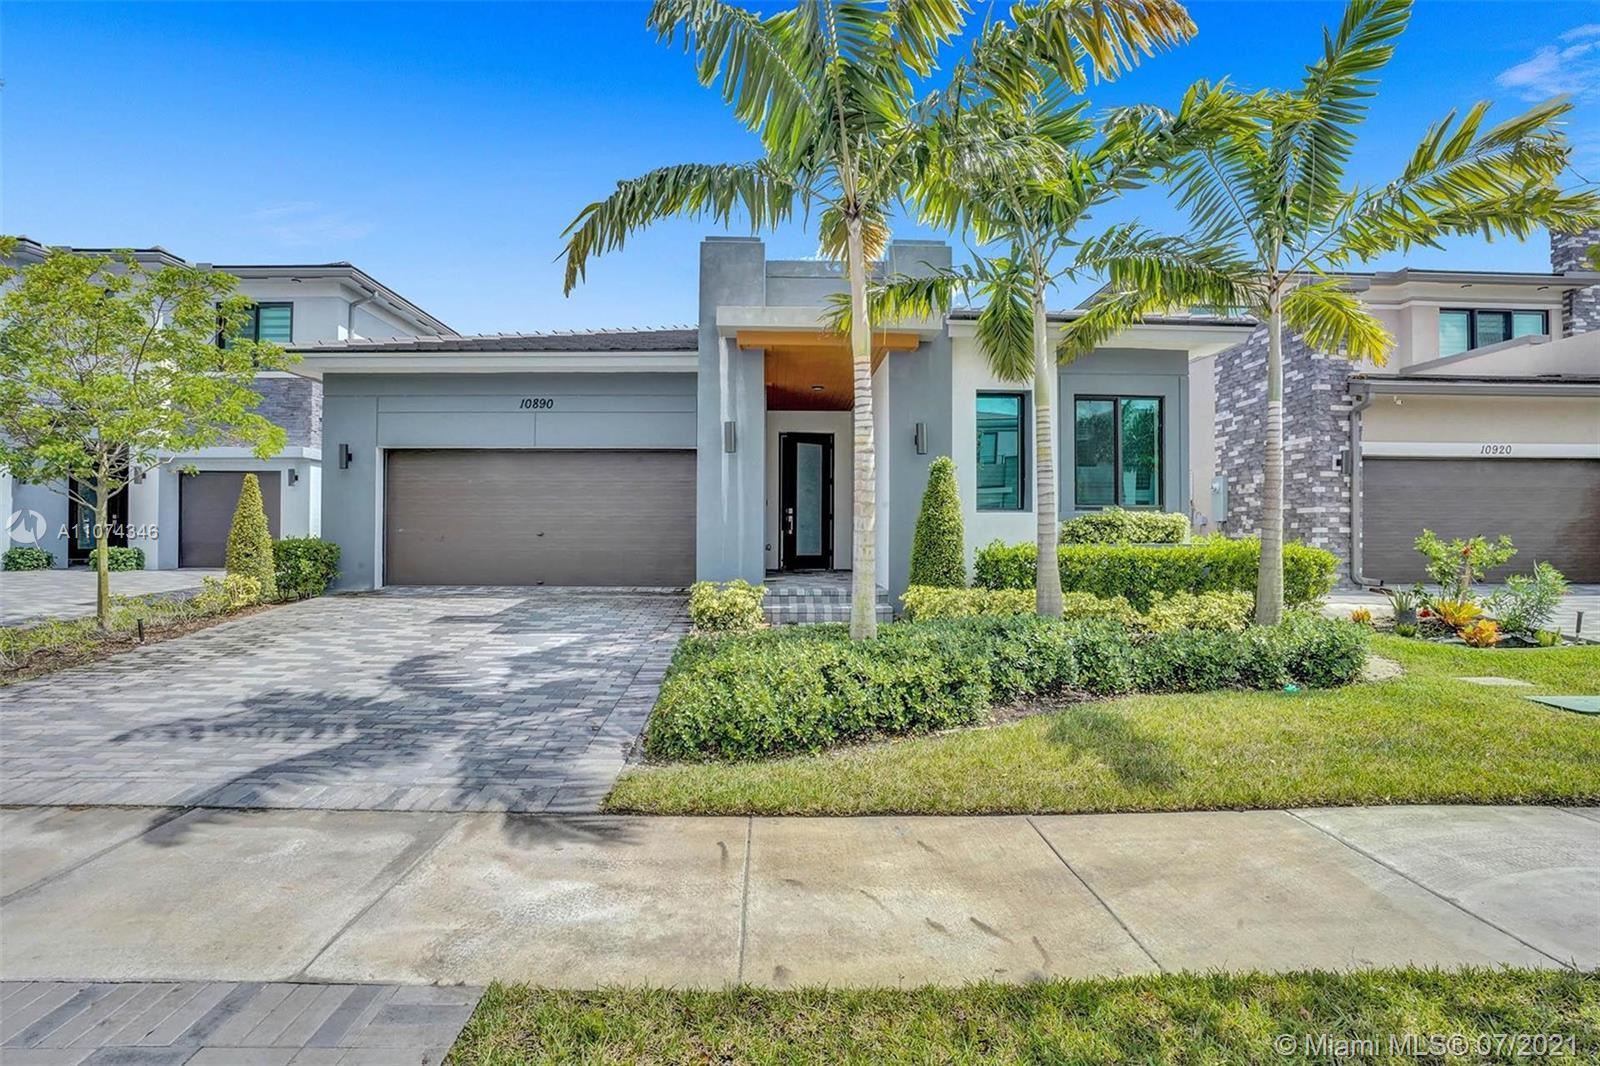 10890 Vista Ter, Parkland, FL 33076 - #: A11074346